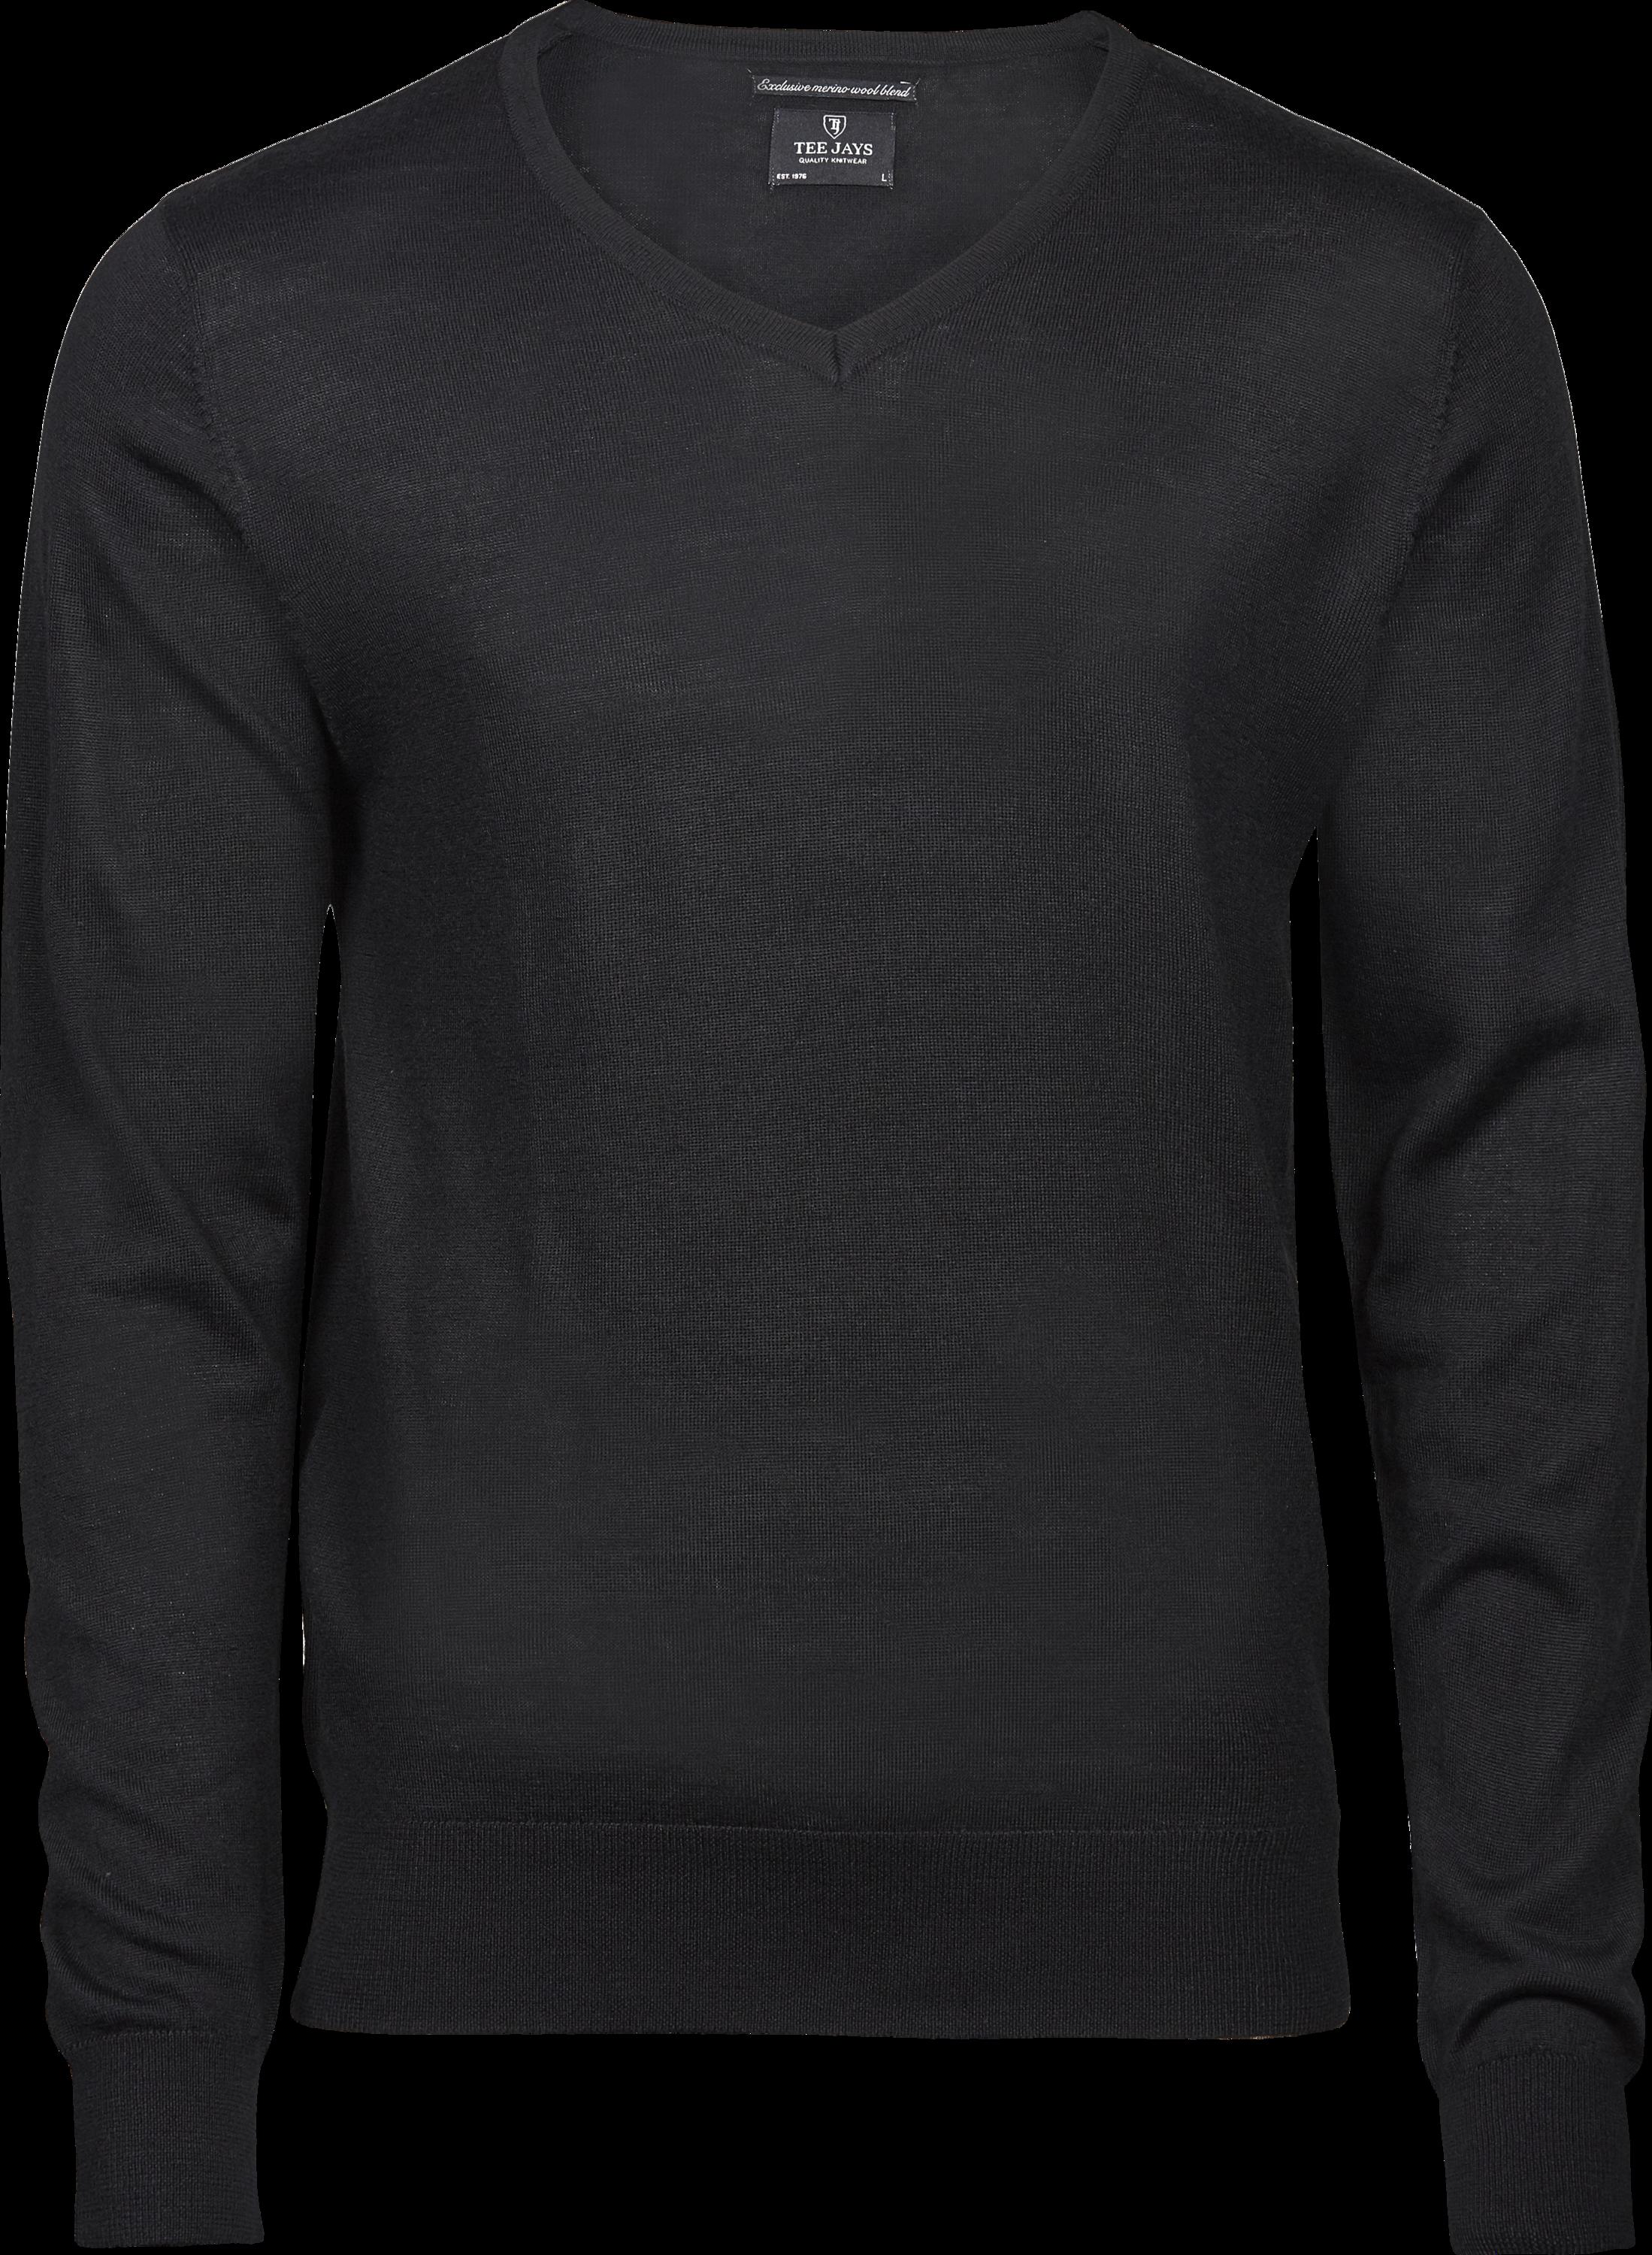 6001_Mens Knitwear - Homme - 50% laine (mérinos), 50% acrylique -Calibre 12 tricot -Qualité italienne fil mérinos -Lavable à 30 degrés (programme laine) -Coupe ajustée, Tee Jays, 109 T-shirts, Col V